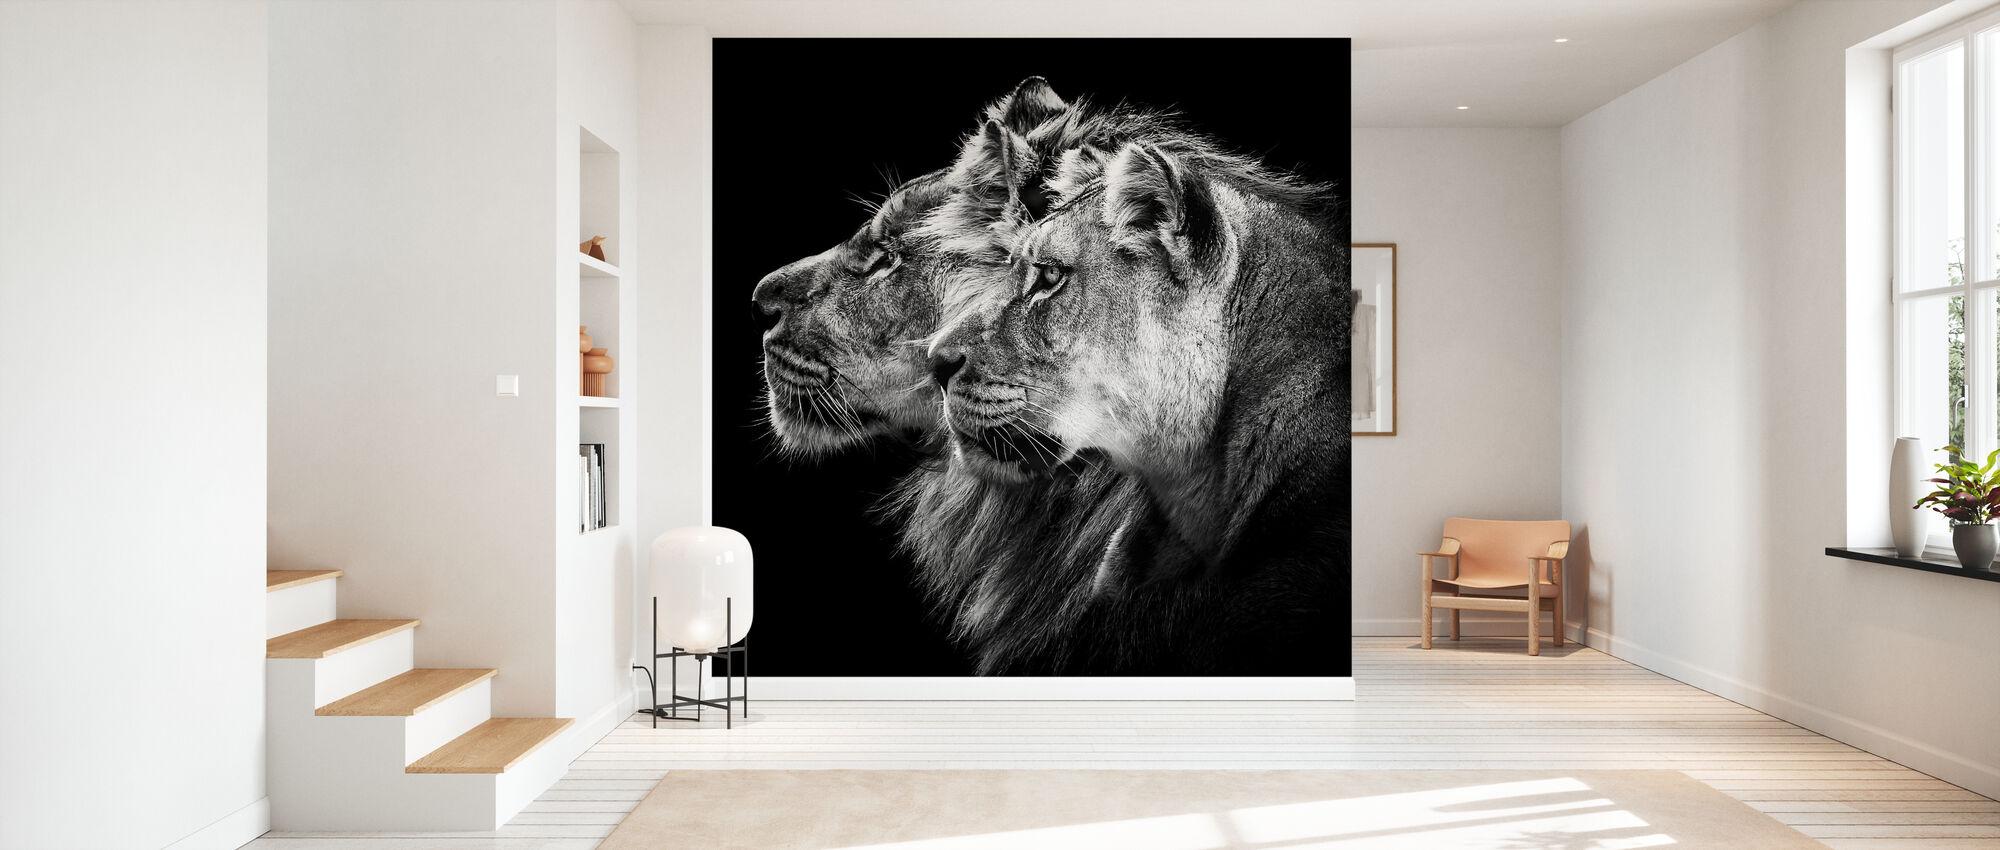 Lion and Lioness Portrait - Wallpaper - Hallway